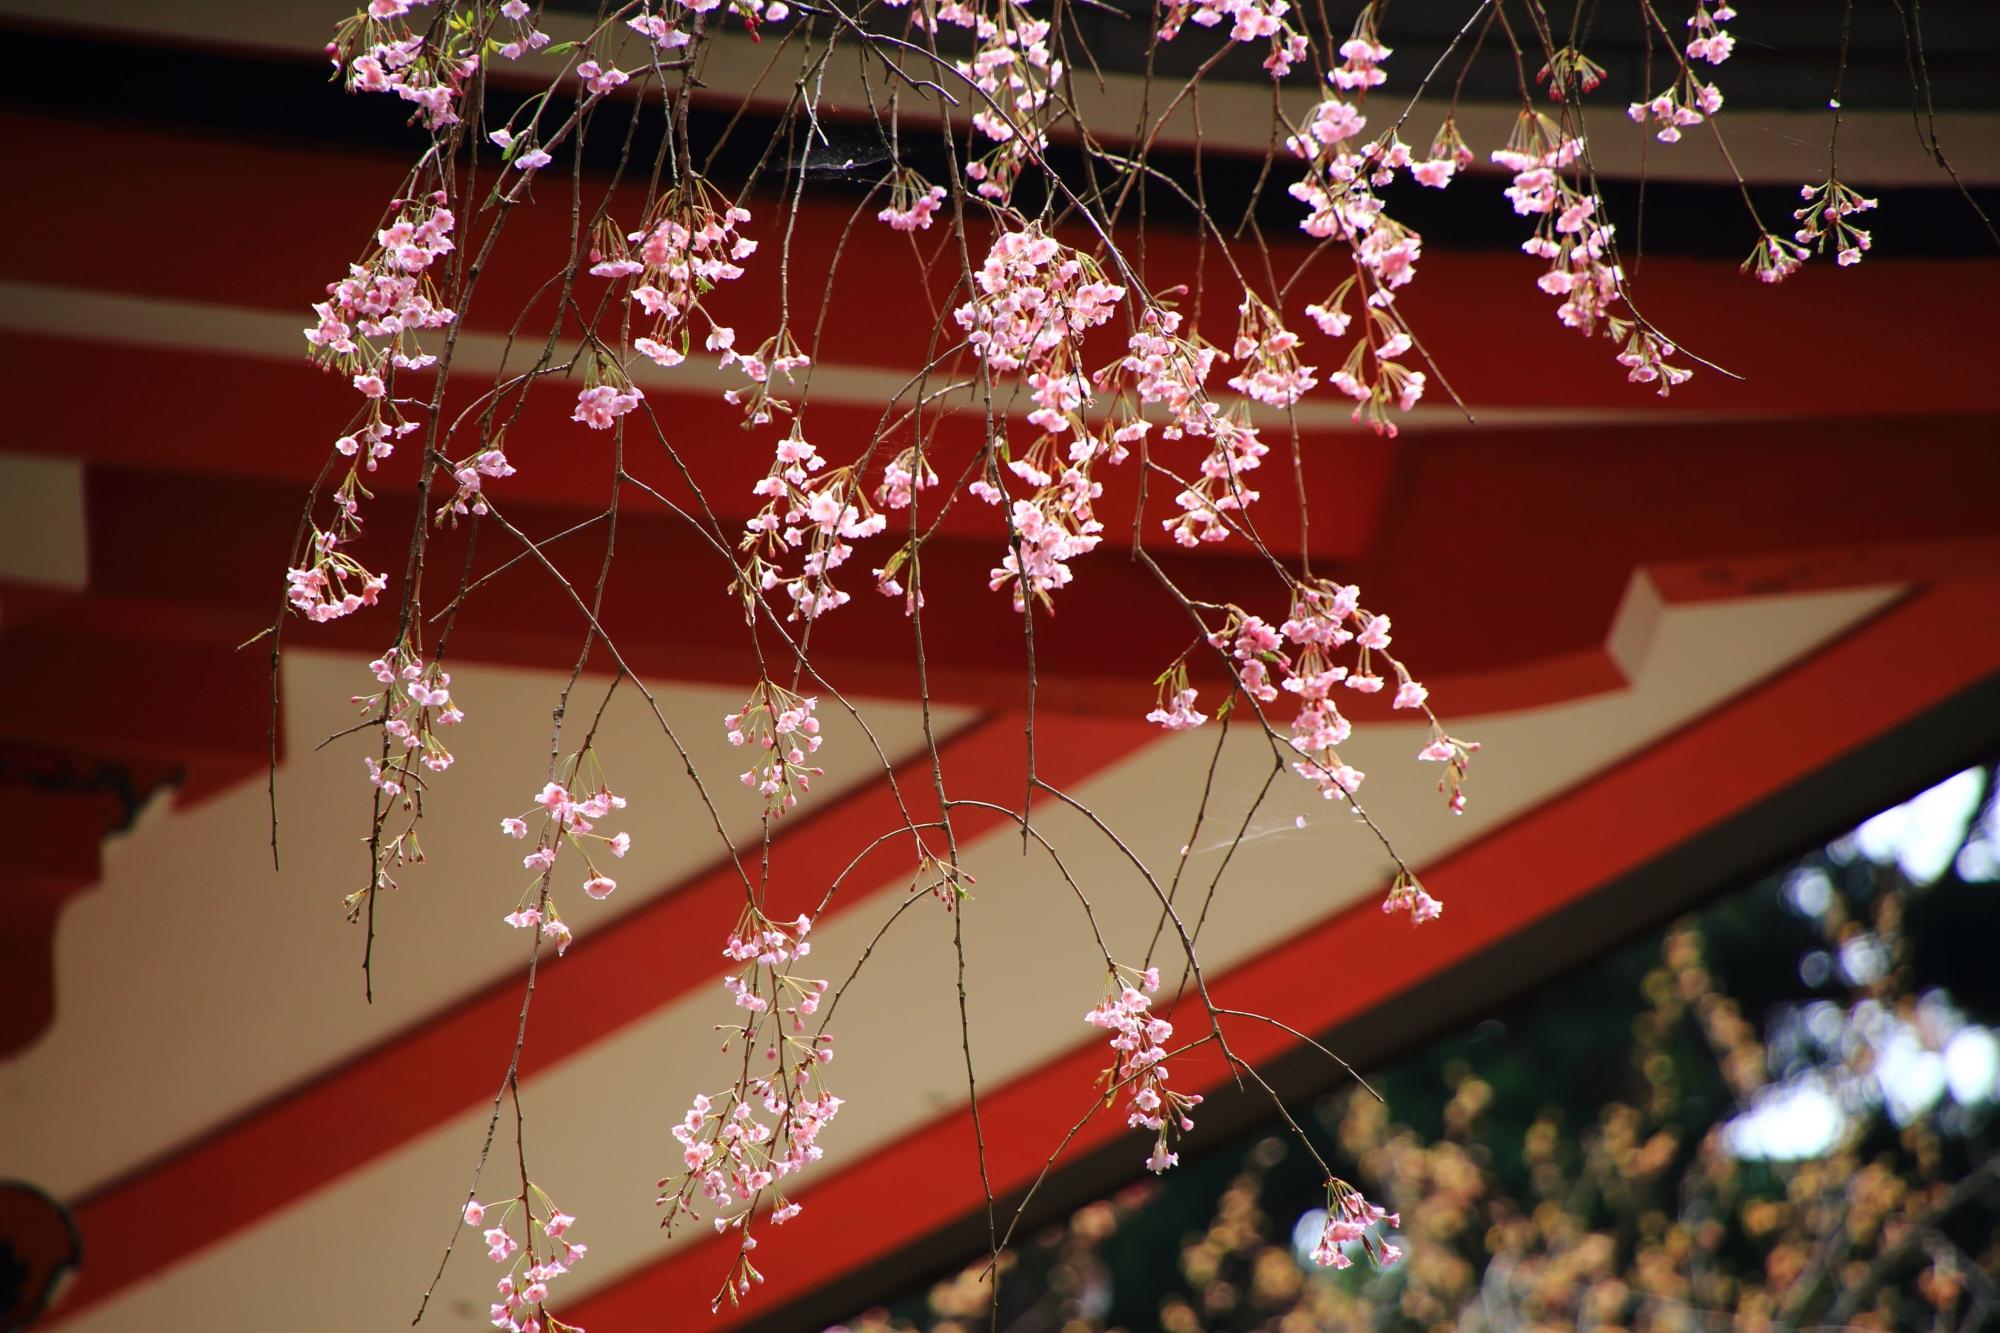 優しく揺らぐ可愛い花の咲くしだれ桜